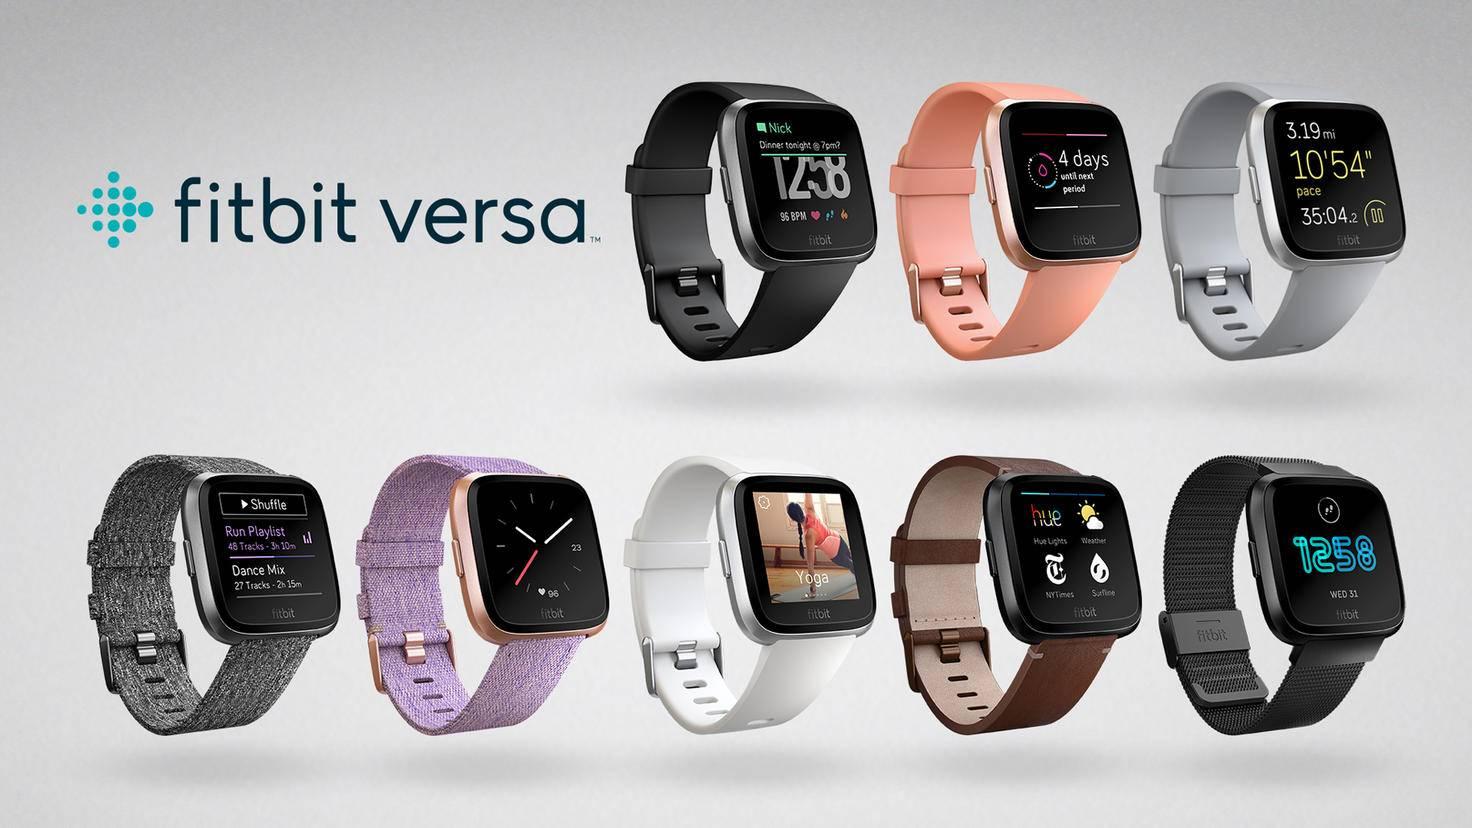 Die Fitbit Versa kommt in vielen verschiedenen Designs auf den Markt.